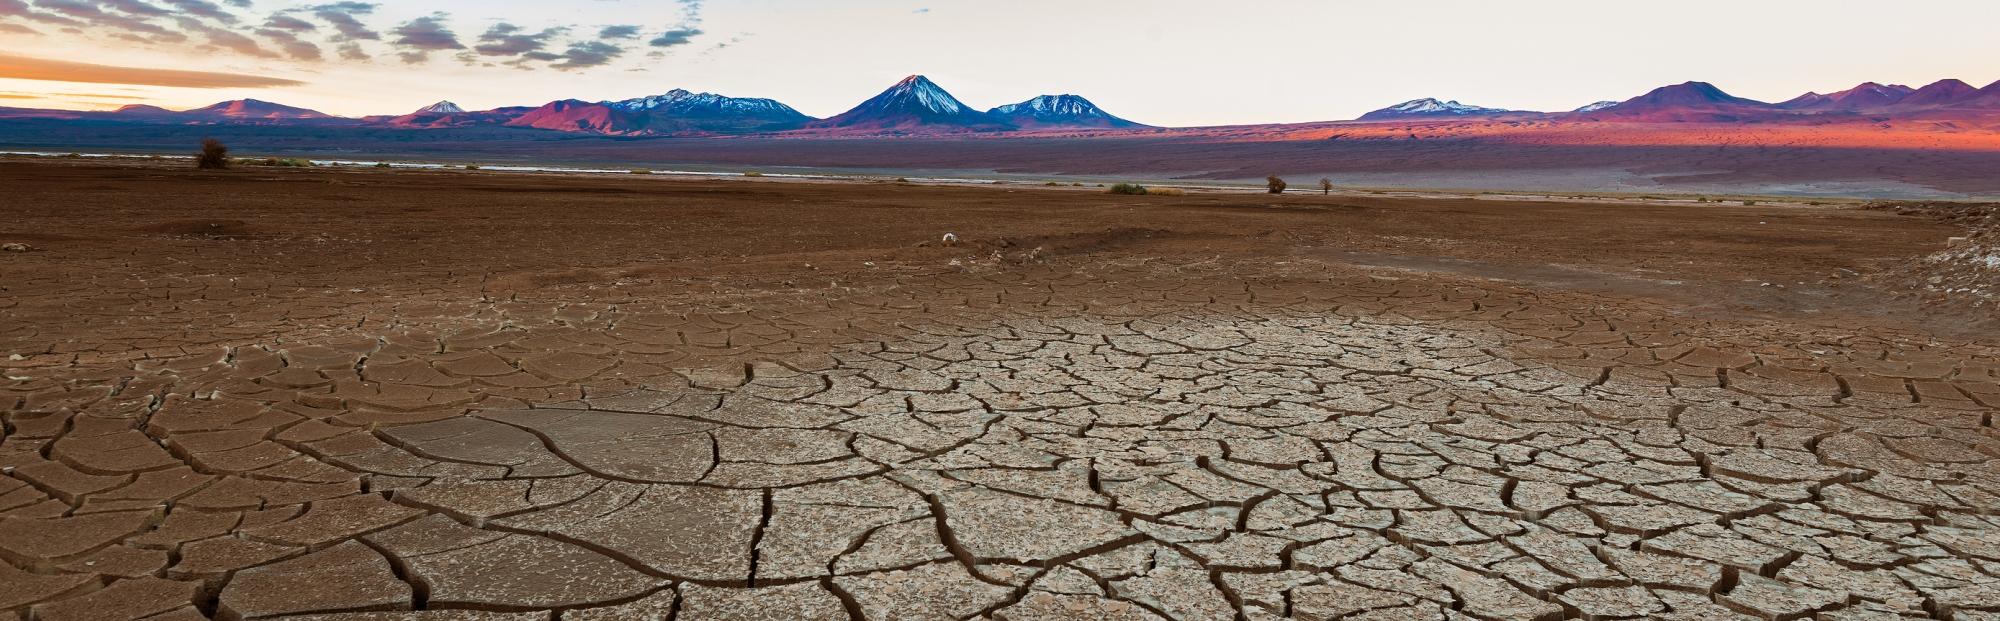 Atacama desierto Mediviatges